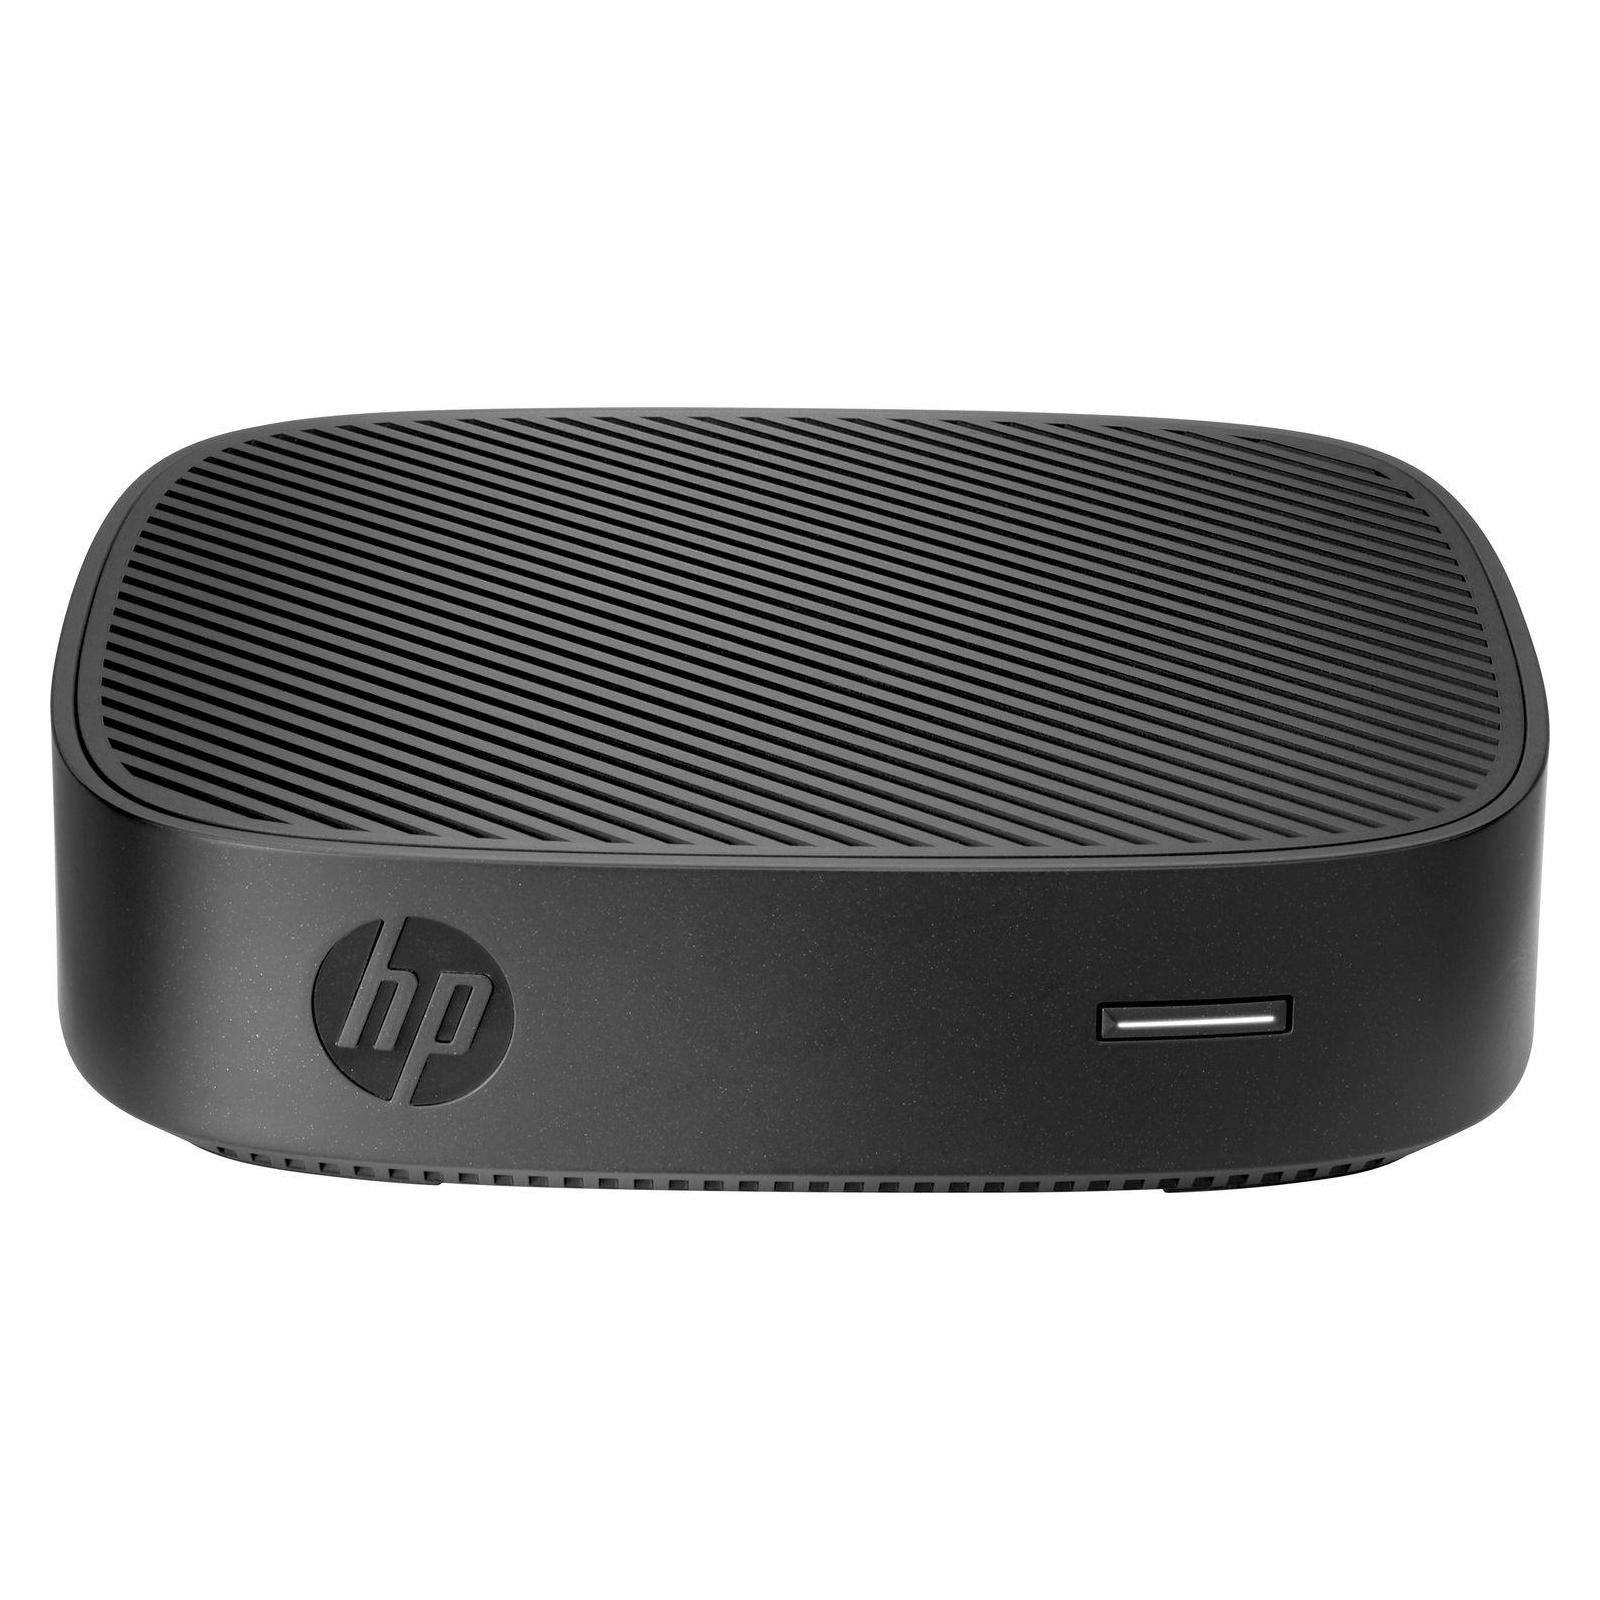 Компьютер HP T430 W10IoT (3VL71AA) изображение 2